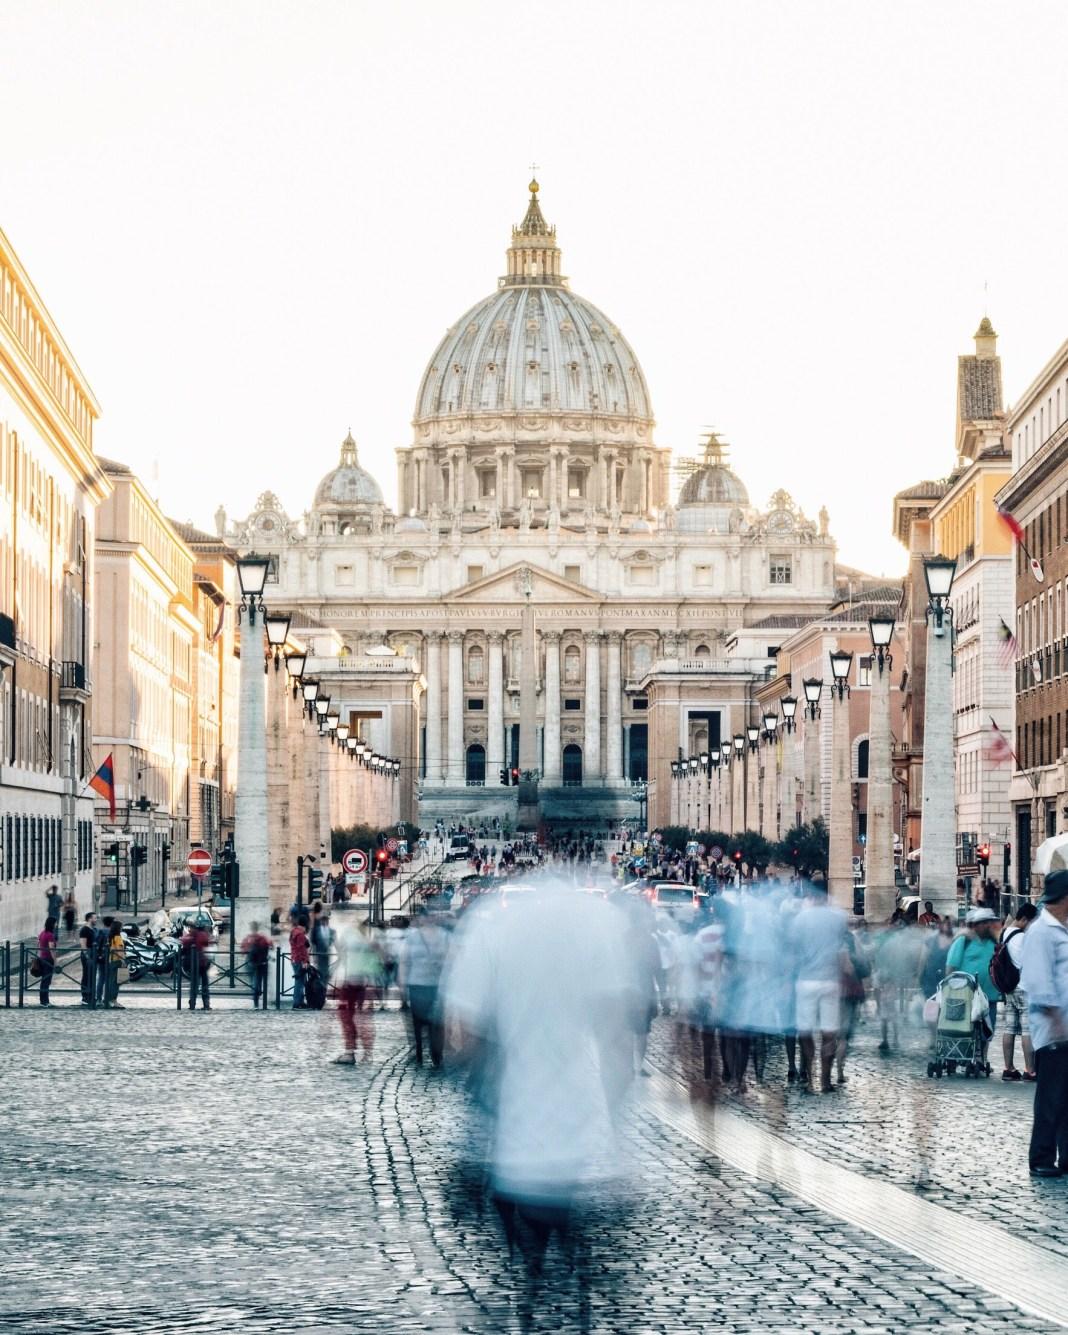 People Walking in a Blur in Vatican City